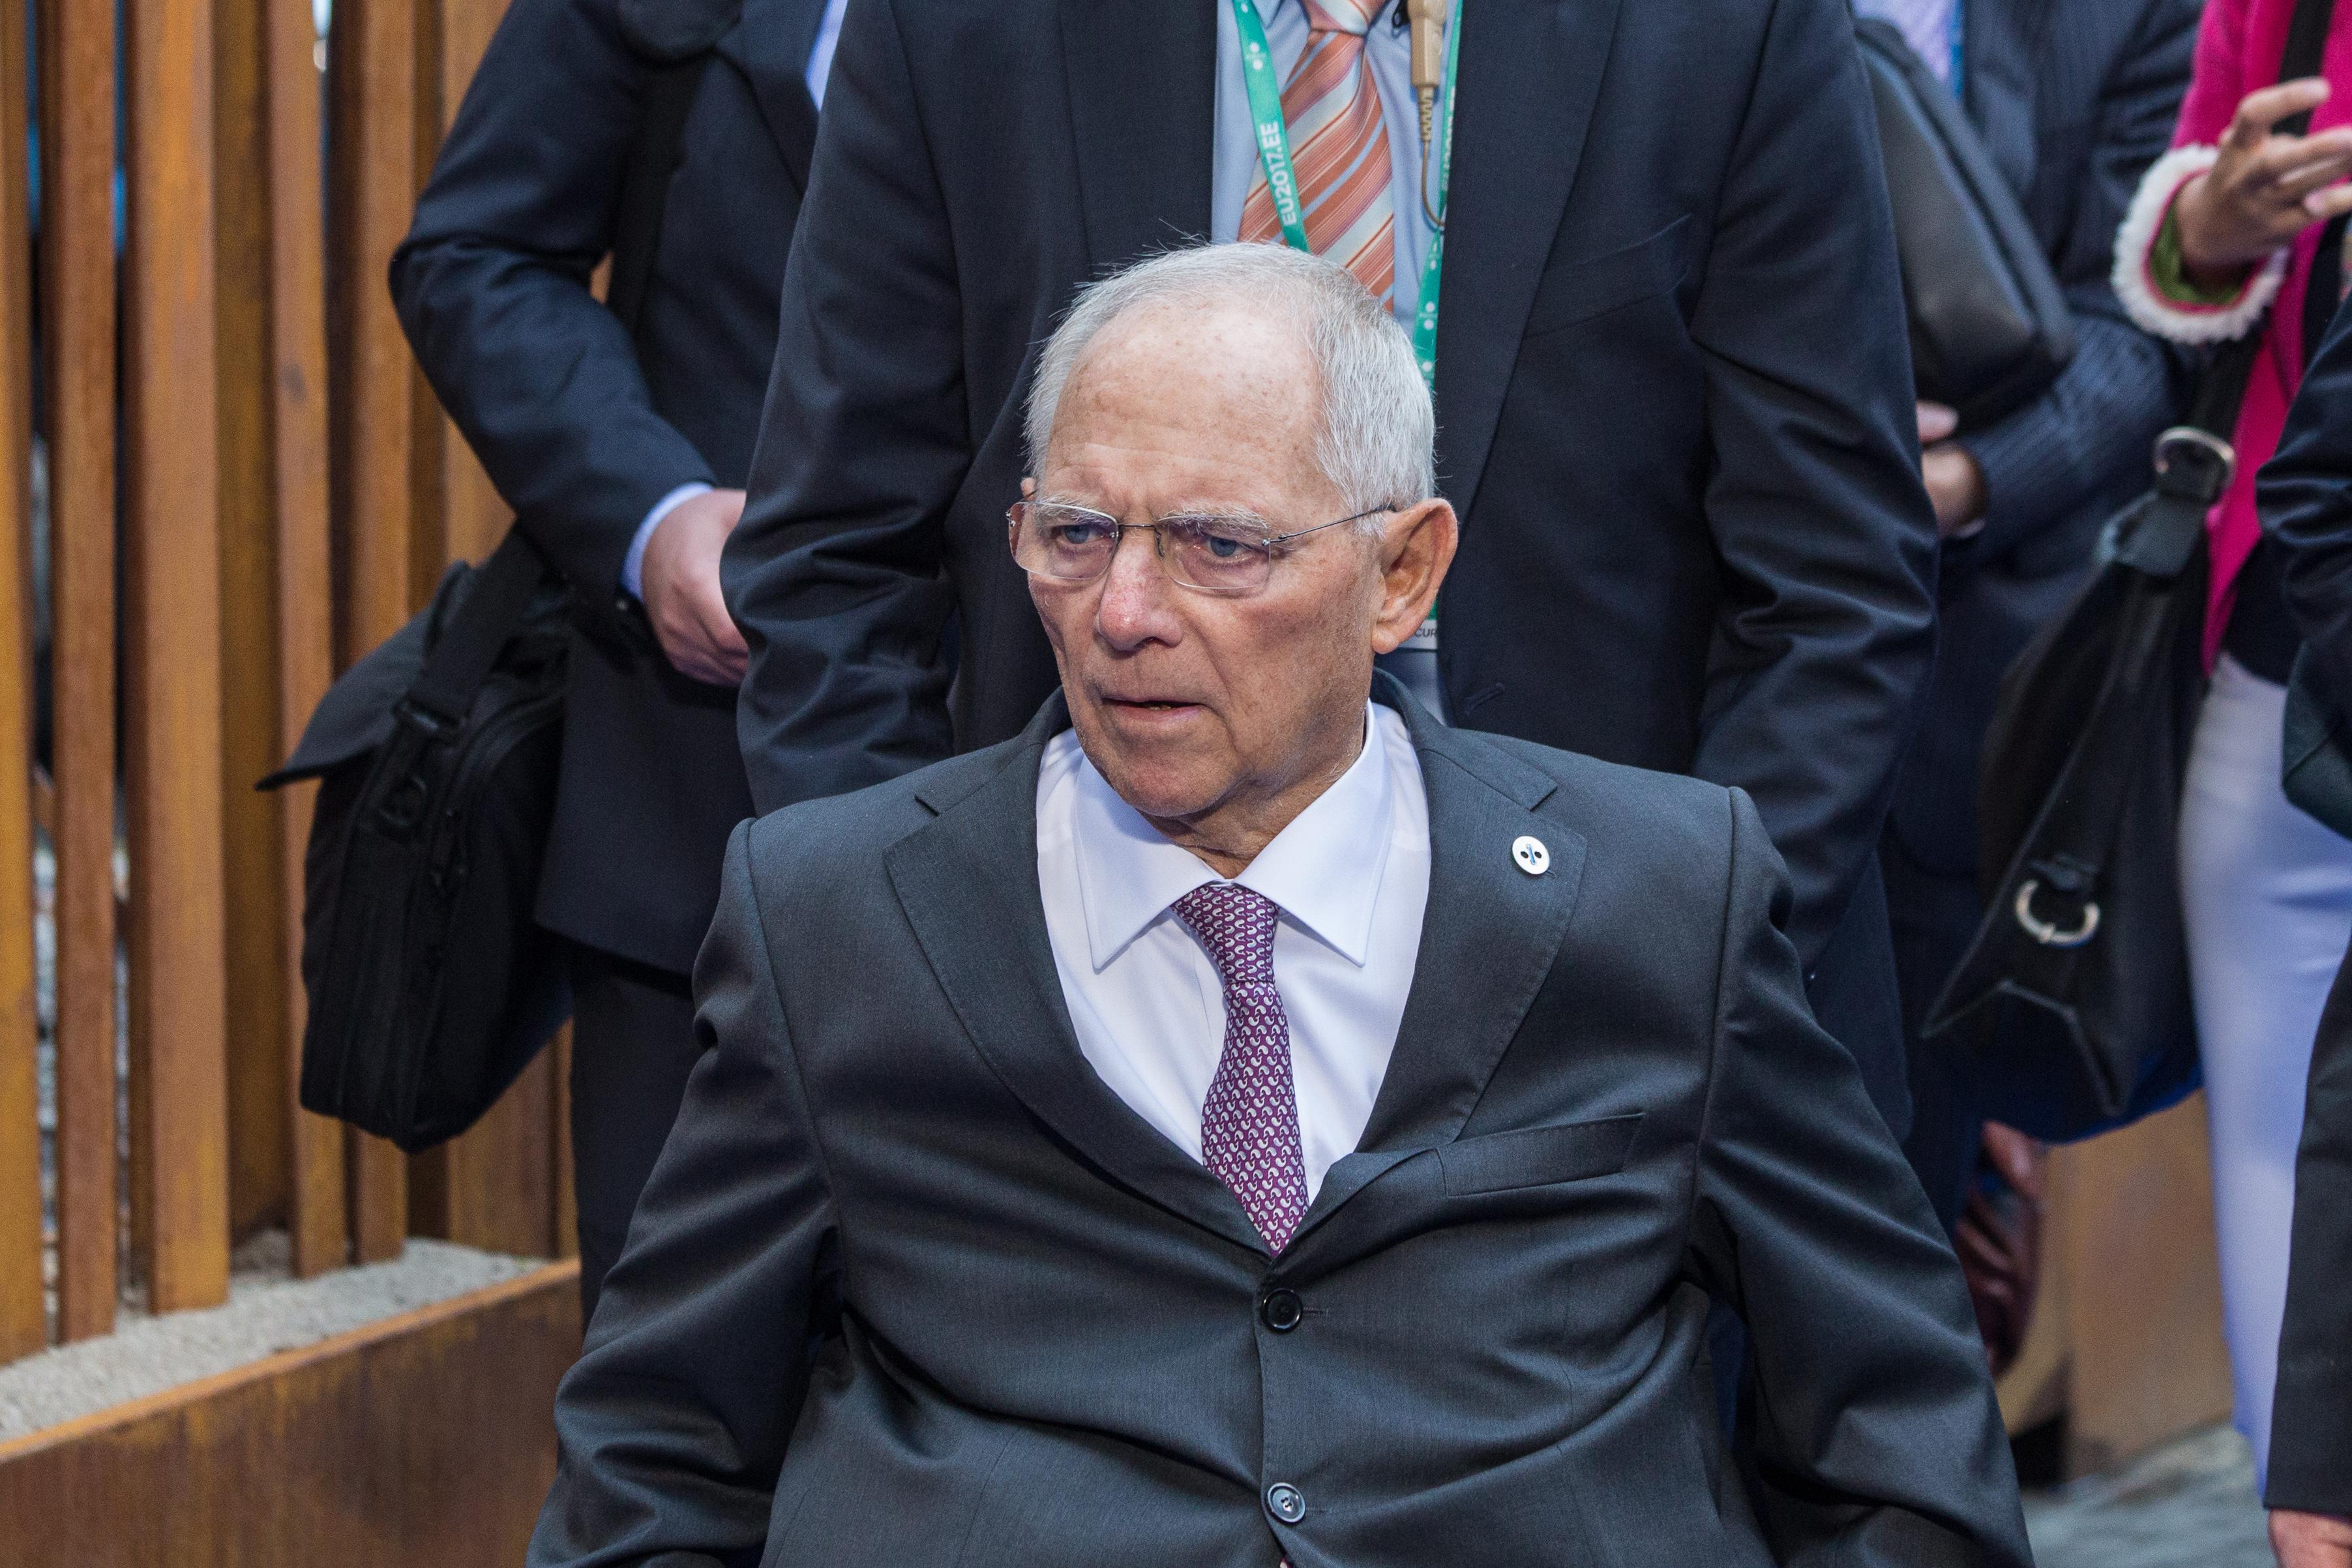 Σόιμπλε: Μη συγκρίνετε τα μέτρα για τον κορονοϊό με τη Βαϊμάρη